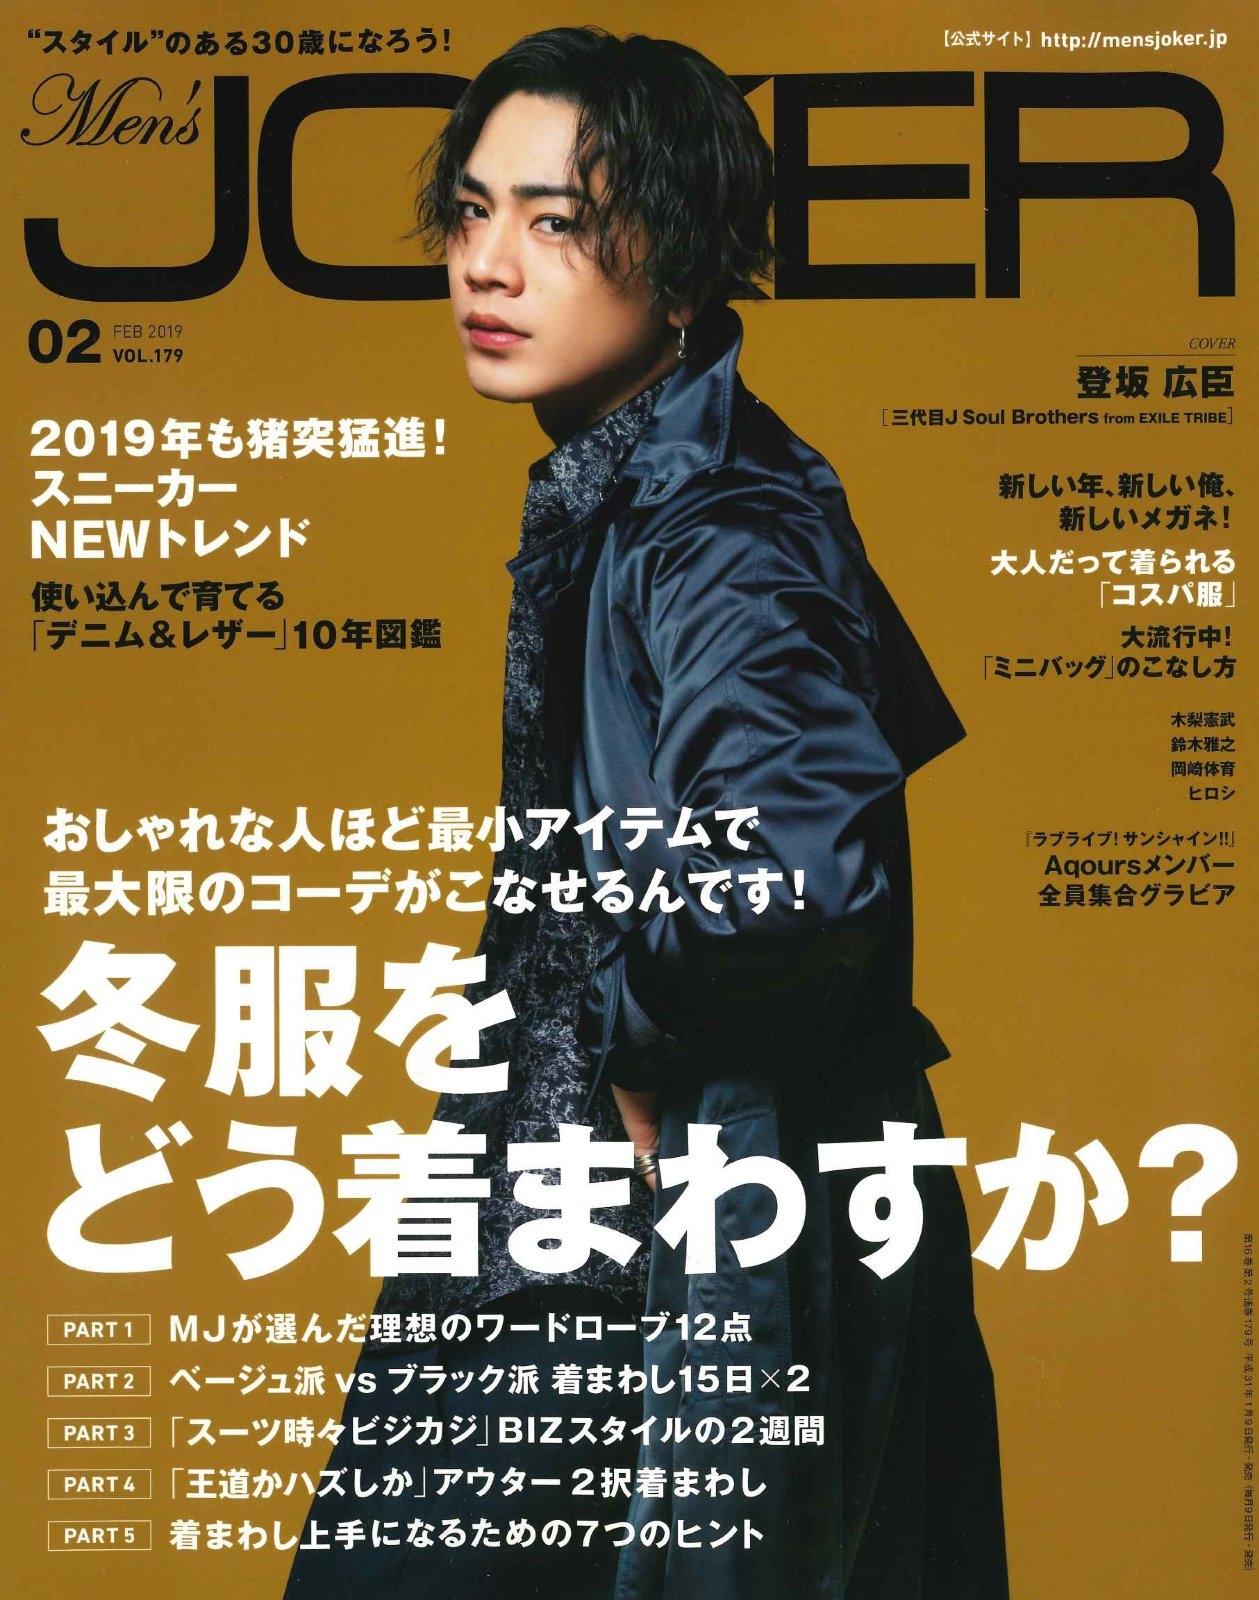 【Men's JOKER】2月号掲載情報